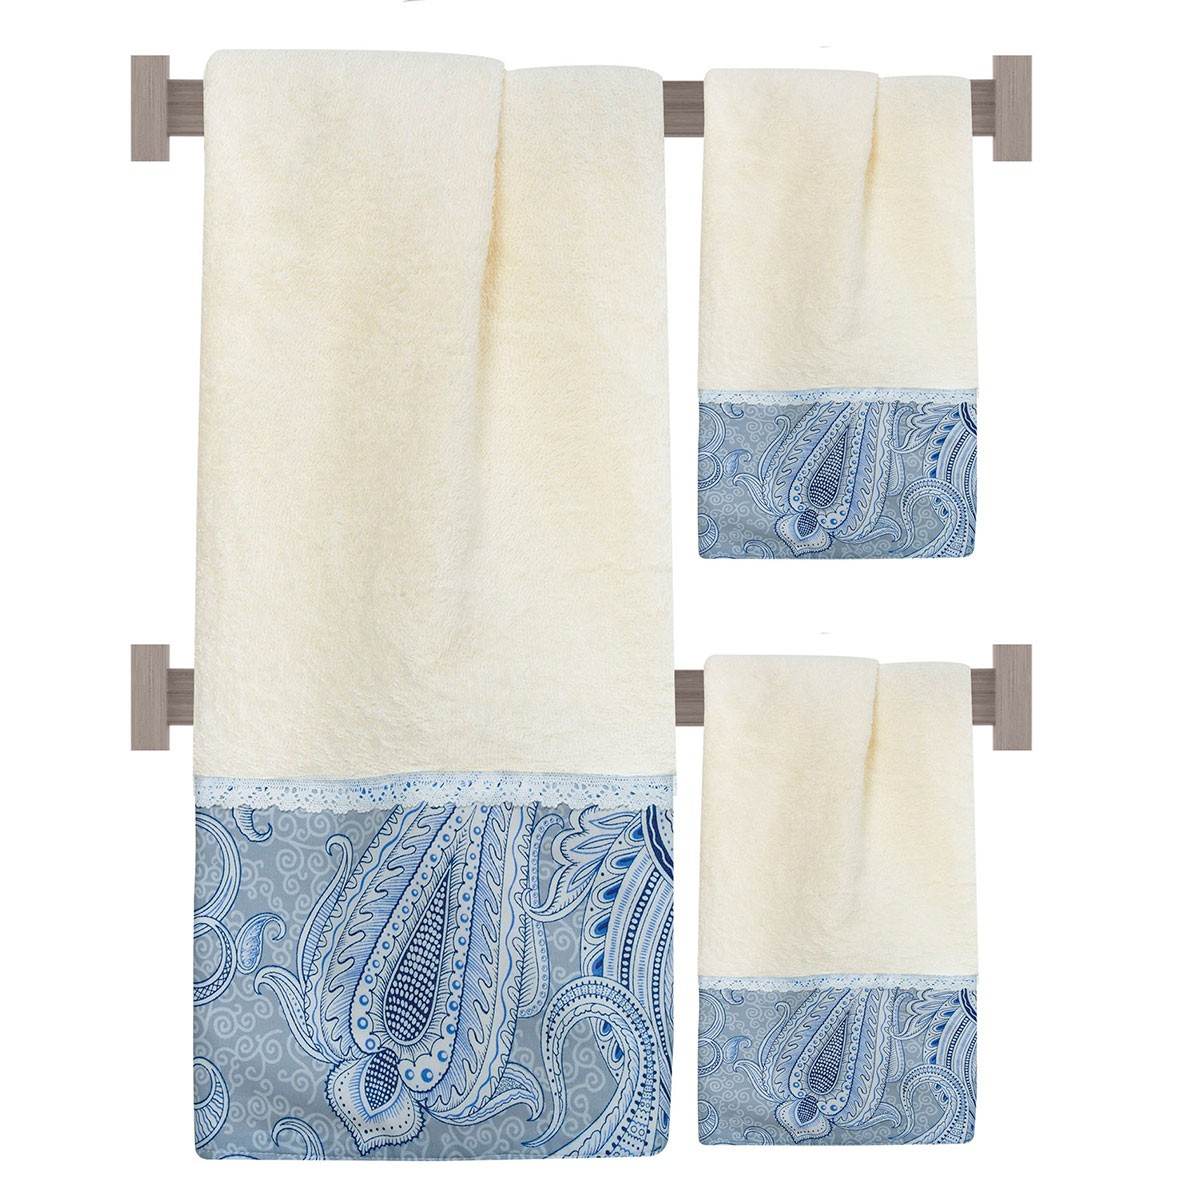 Πετσέτες Μπάνιου (Σετ 3τμχ) Das Home Prestige 284